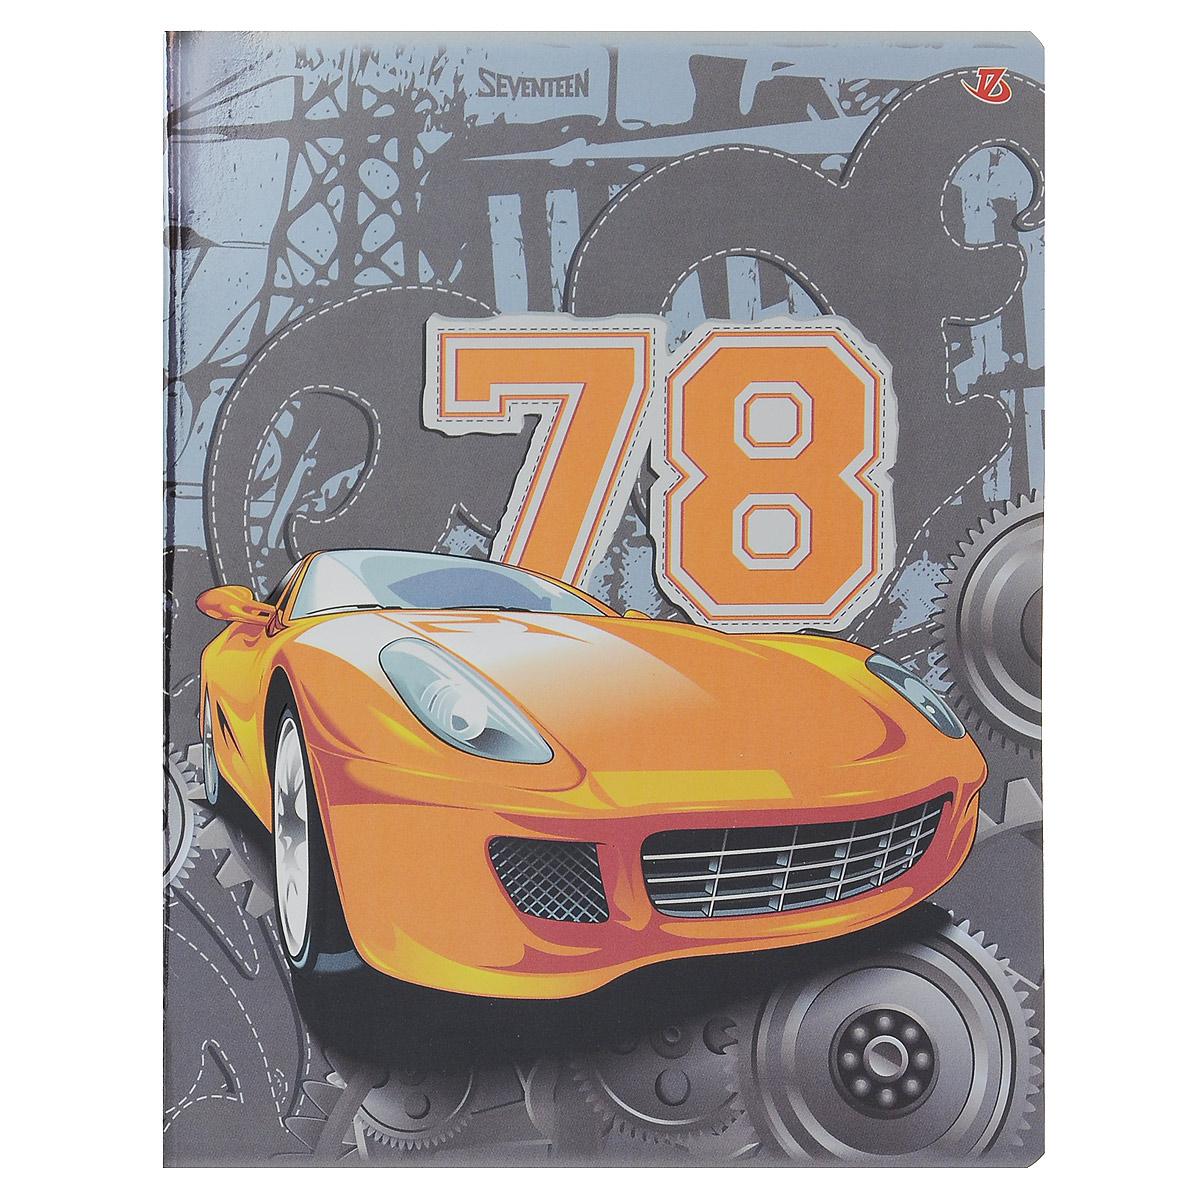 Тетрадь Seventeen Авто 78, цвет: серый, оранжевый, 48 листов7225/5_78 цвет: оранжевый (с дополнительным листом)Тетрадь Seventeen Авто 78 прекрасно подойдет как студенту, так и школьнику. Обложка тетради с фактурным изображением оранжевого автомобиля выполнена из мелованного картона с закругленными углами. Внутренний блок тетради состоит из 48 листов высококачественной бумаги повышенной белизны. Стандартная линовка в клетку дополнена полями, совпадающими с лицевой и оборотной стороны листа. Первая страничка содержит поля для заполнения личных данных.